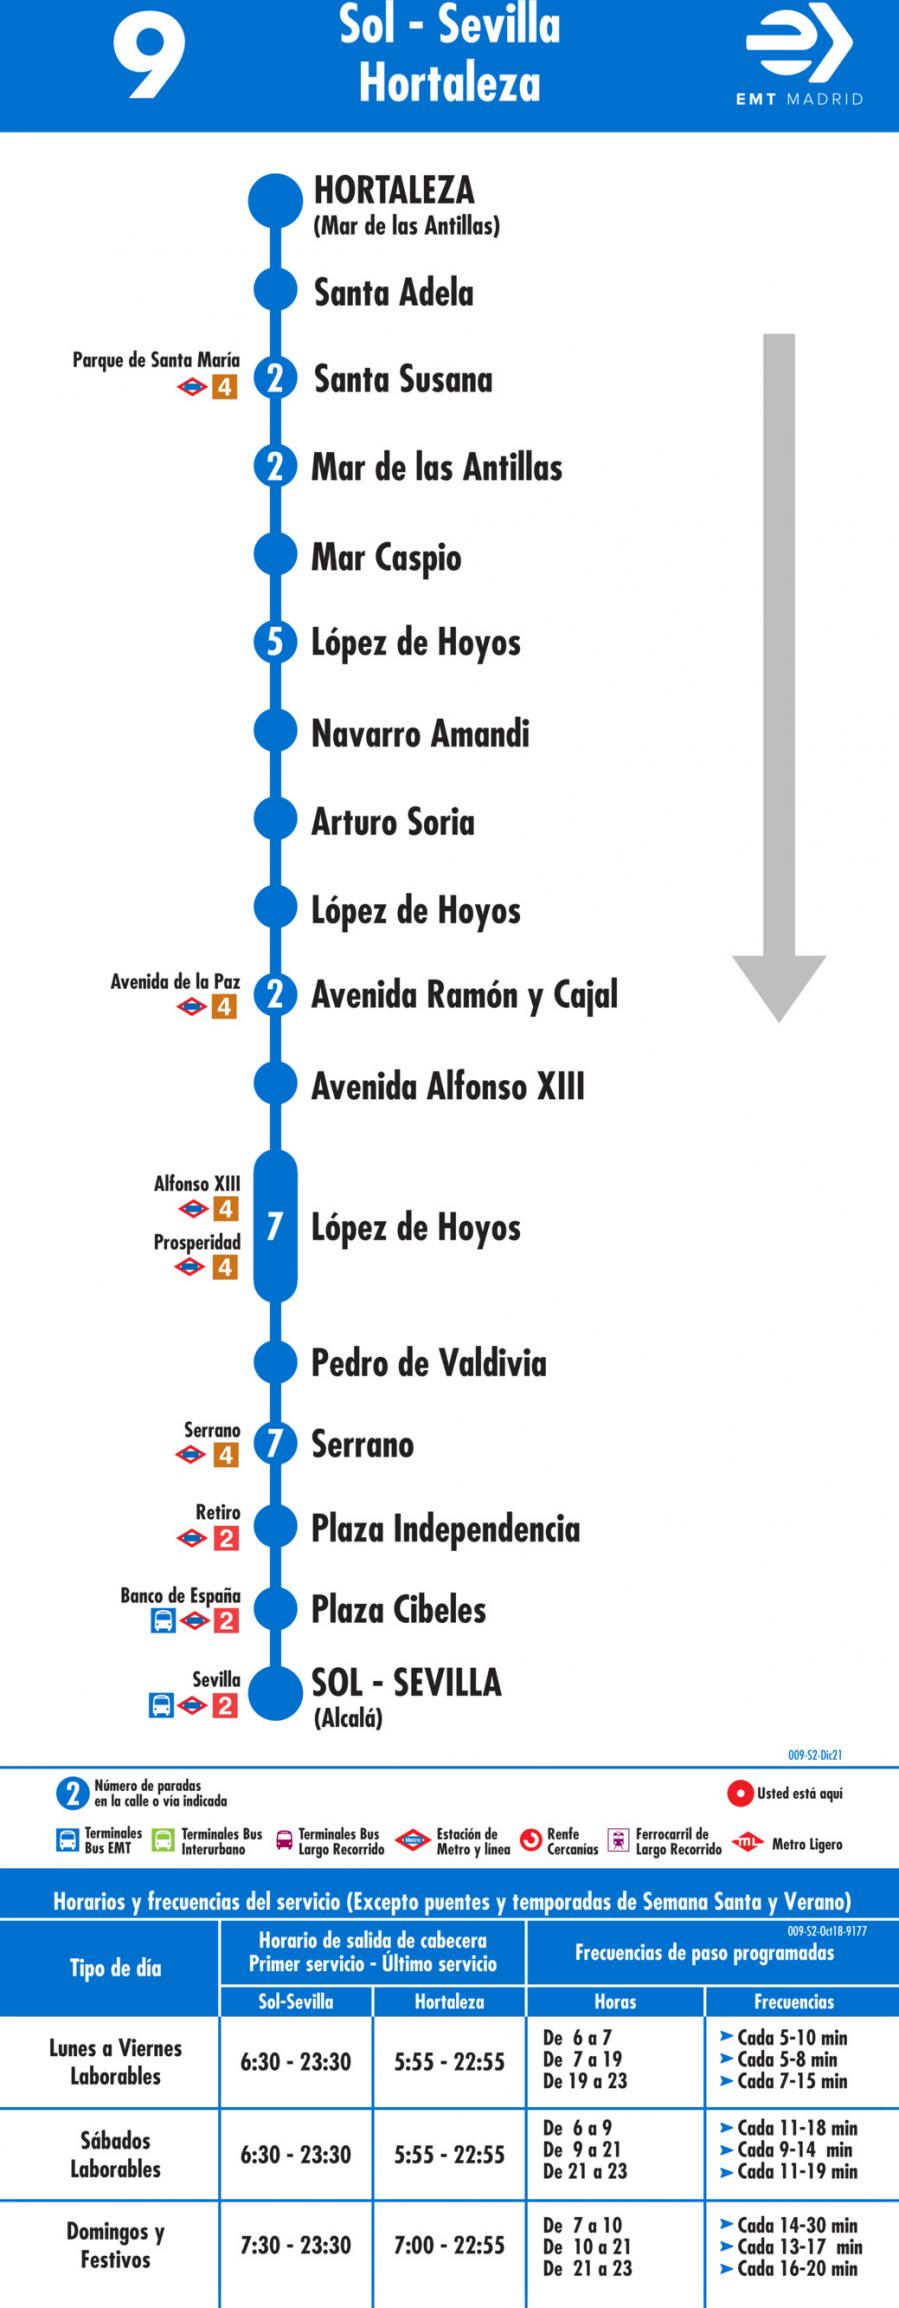 Horarios de autob s 9 sevilla hortaleza - Horario merkamueble sevilla ...